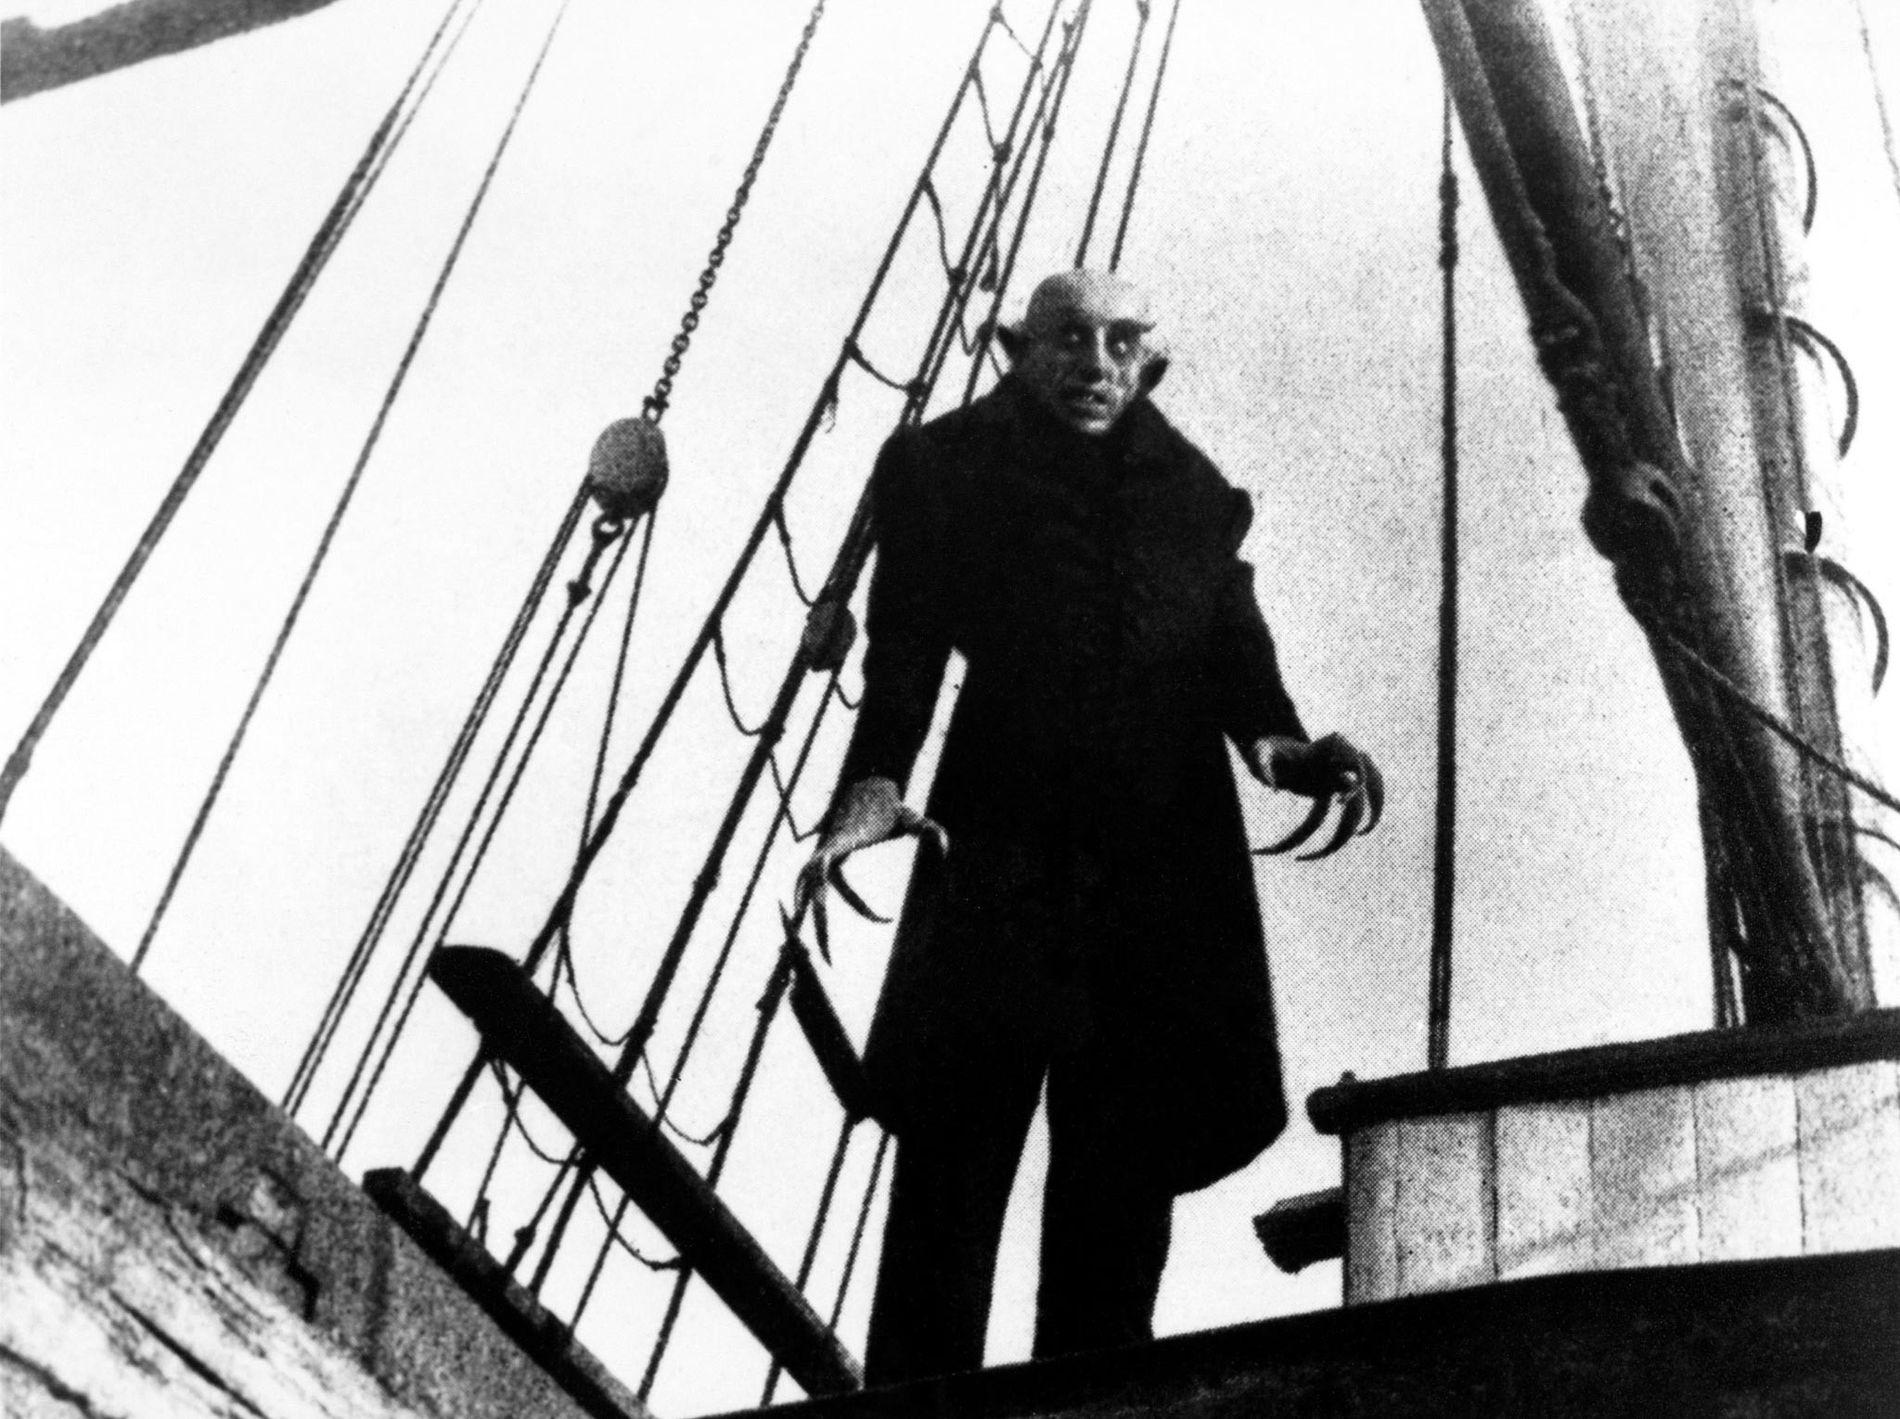 Le film muet de 1922 Nosferatu est une adaptation non autorisée du roman Dracula de Bram Stoker dans laquelle l'acteur Max Schrek campe le comte Orlock dont l'apparence rappelle celle des vampires du folklore d'Europe de l'Est.